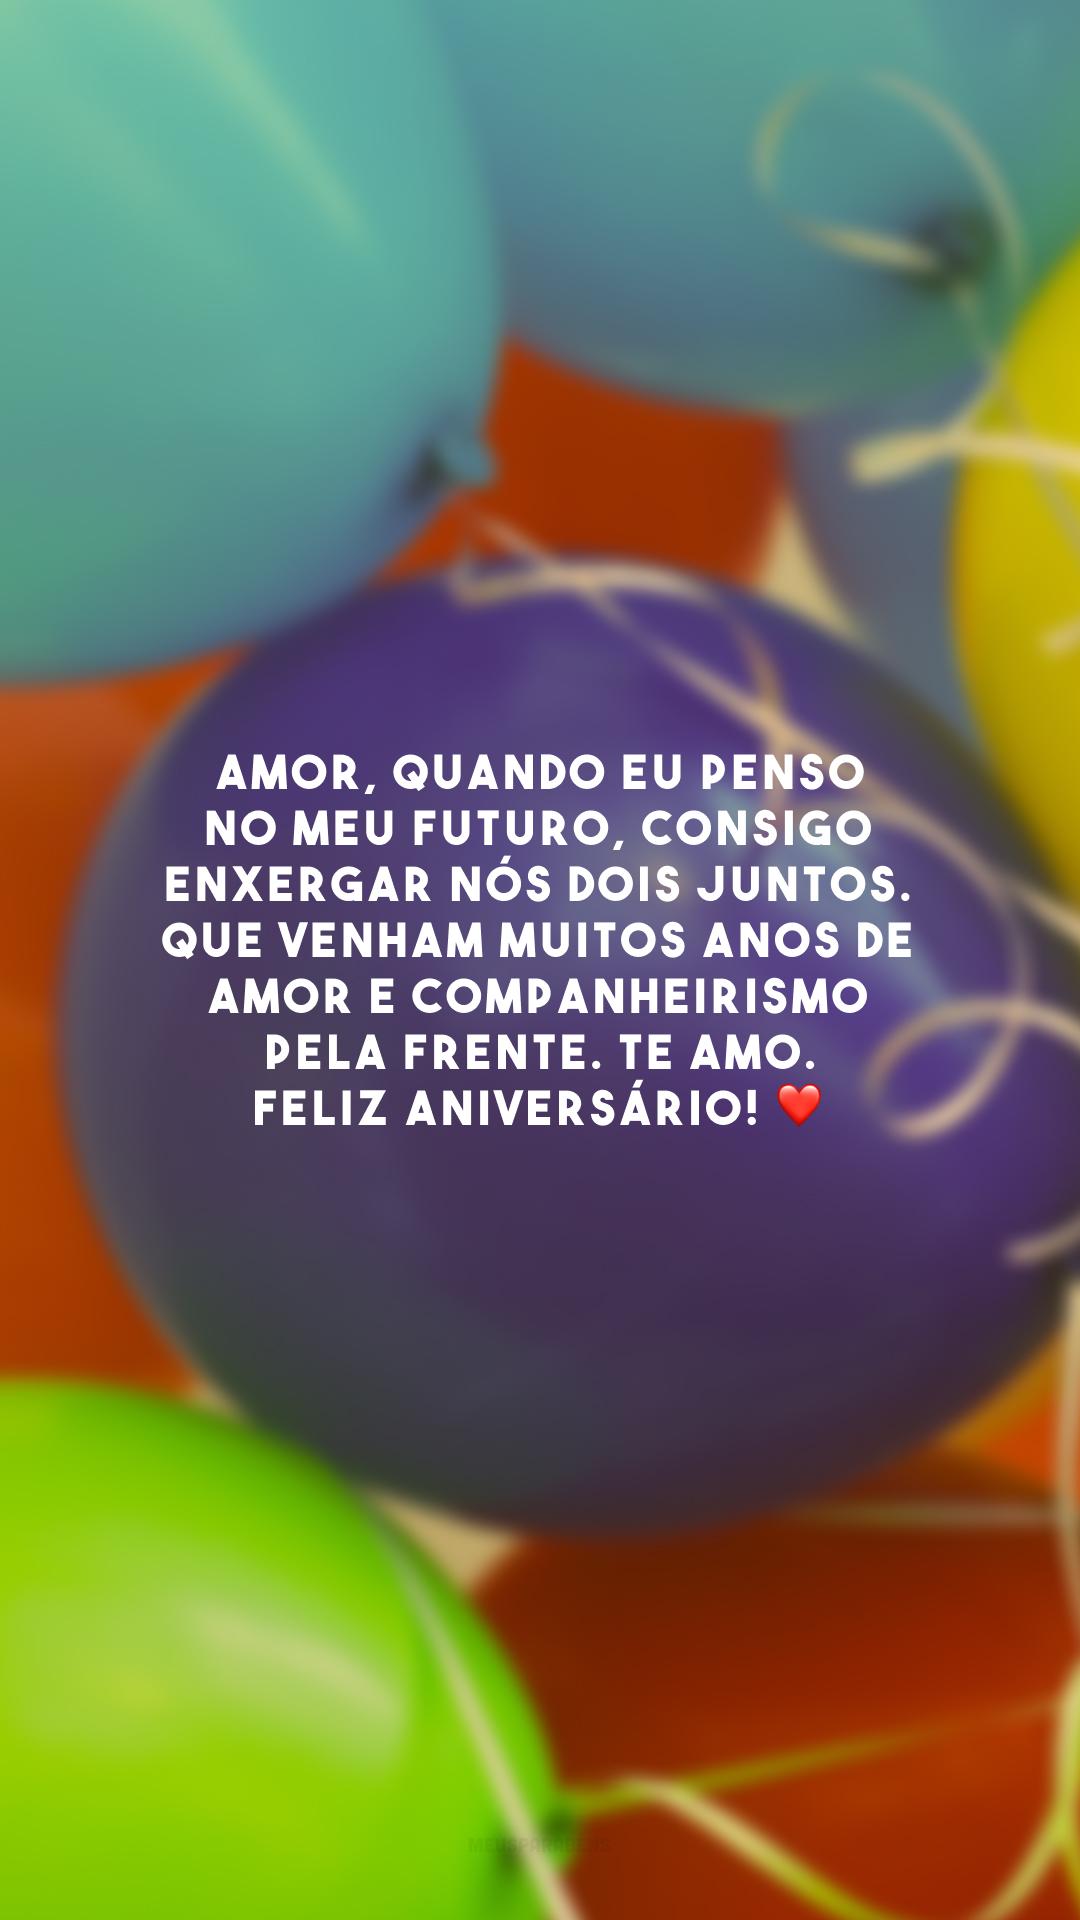 Amor, quando eu penso no meu futuro, consigo enxergar nós dois juntos. Que venham muitos anos de amor e companheirismo pela frente. Te amo. Feliz aniversário! ❤️